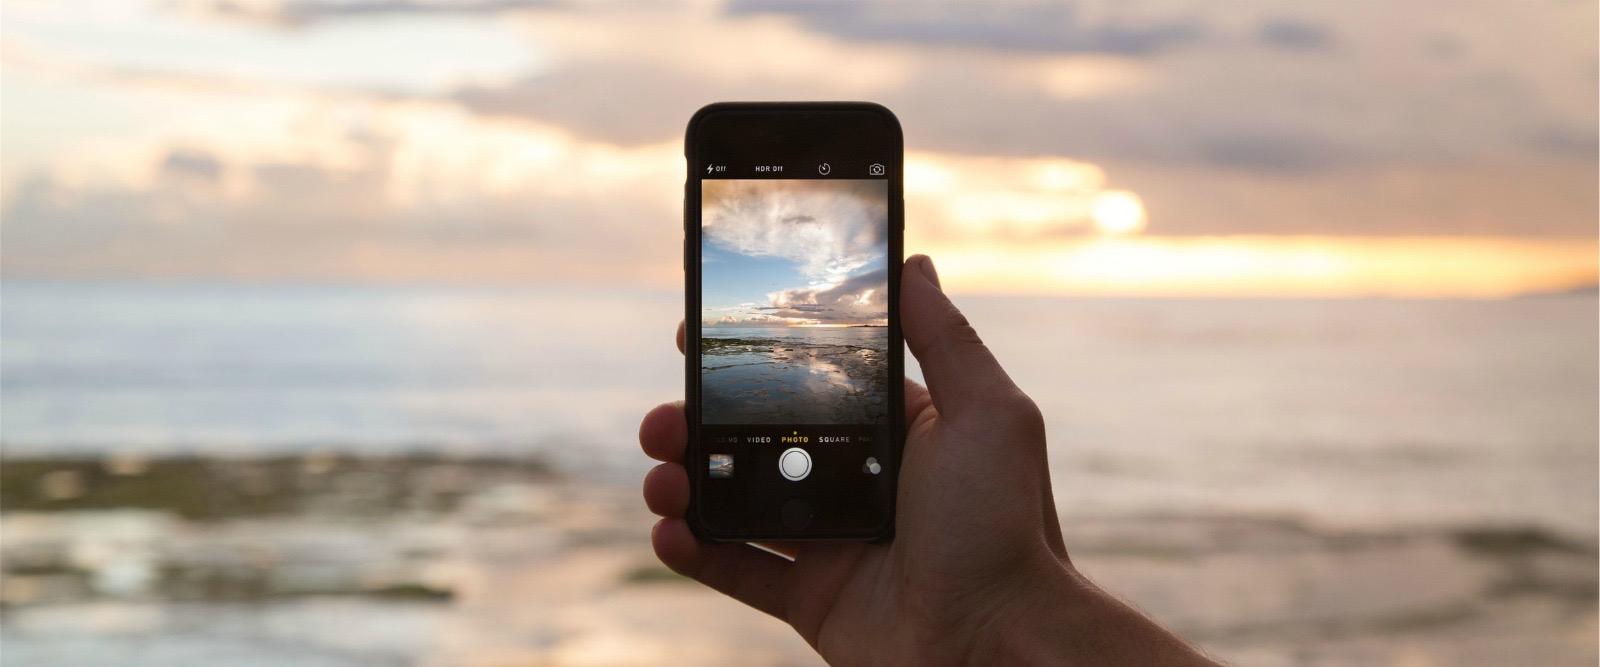 Successo dei corsi su Instagram: è corsa all'oro sui Millenials